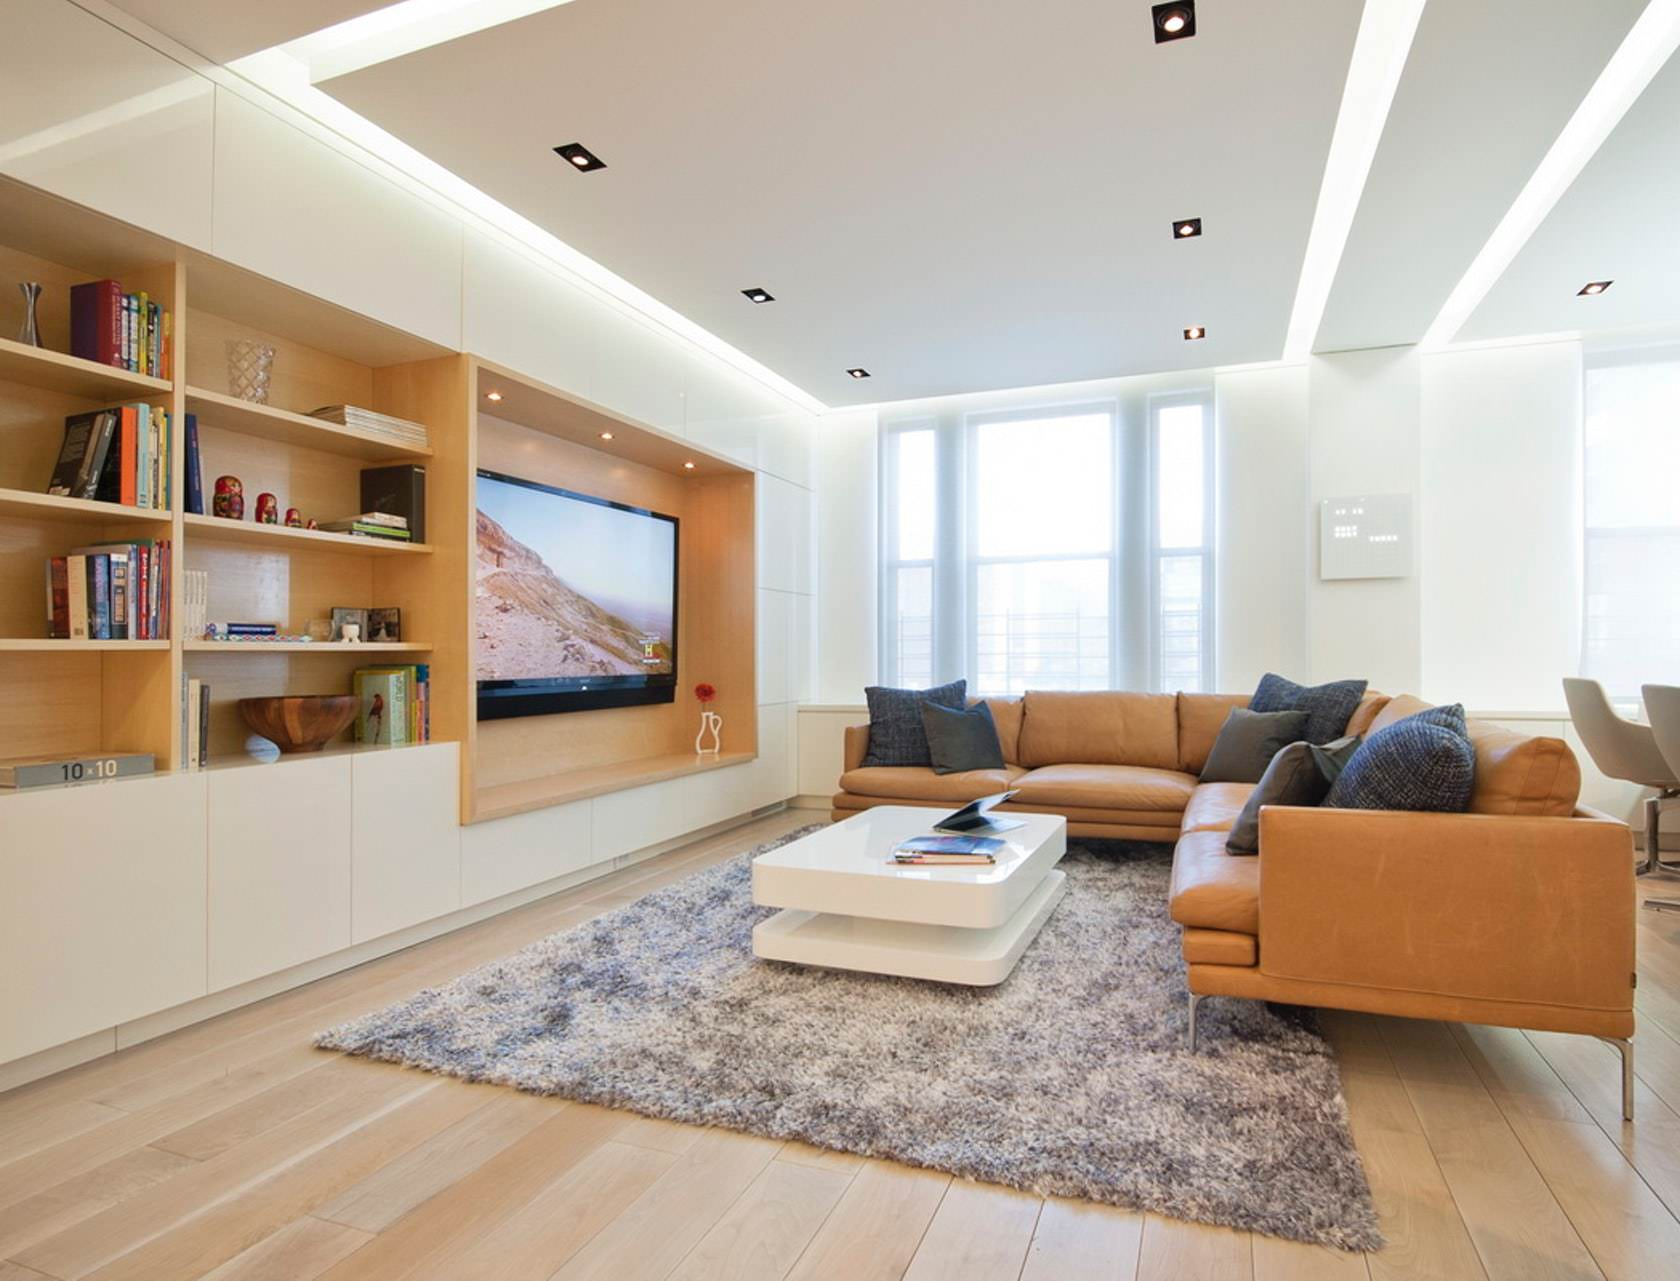 Oltre Il Soffitto Di Vetro : Soffitto in legno come renderlo moderno in poche e semplici mosse